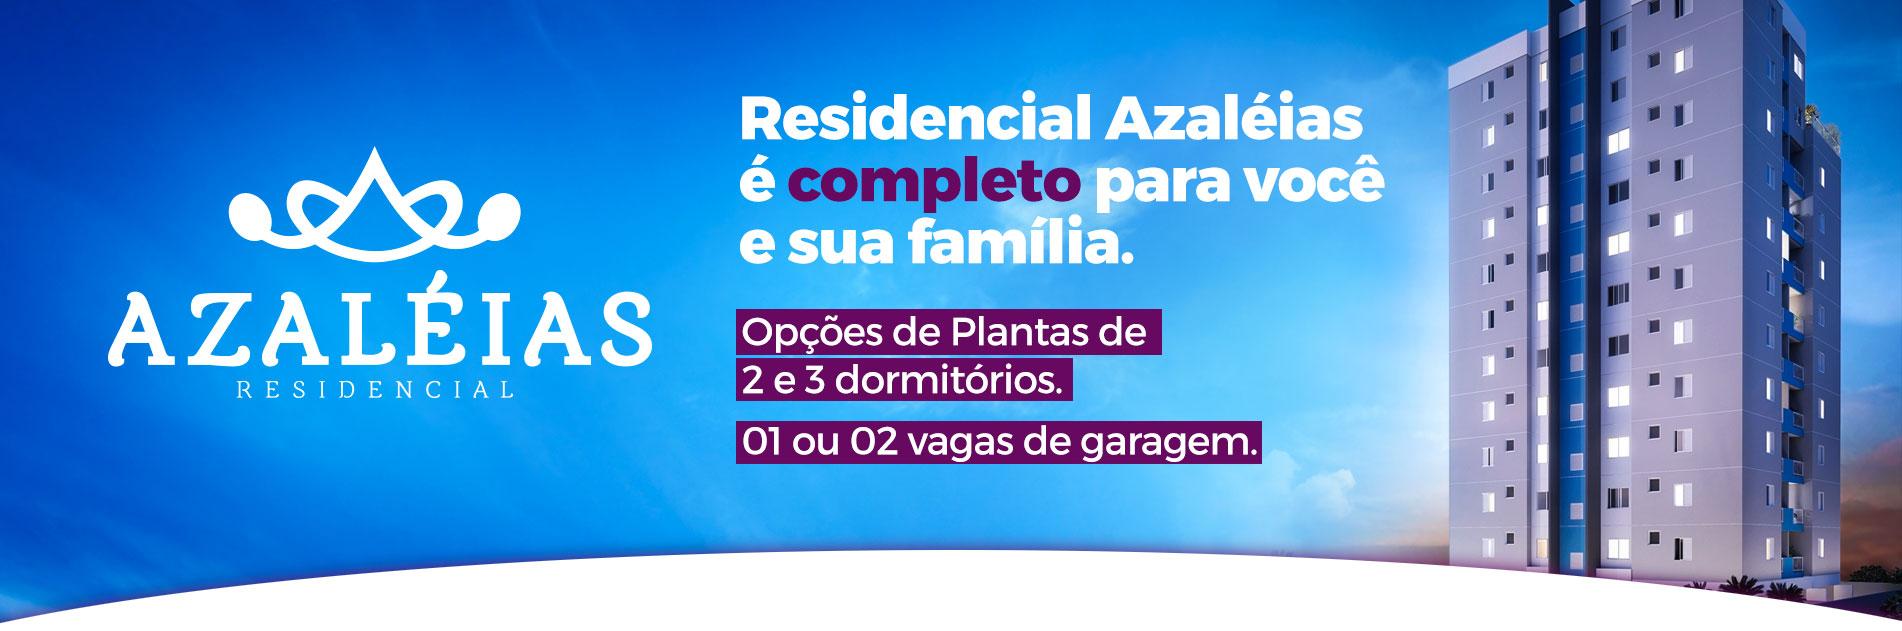 AZALÉIAS RESIDENCIAL